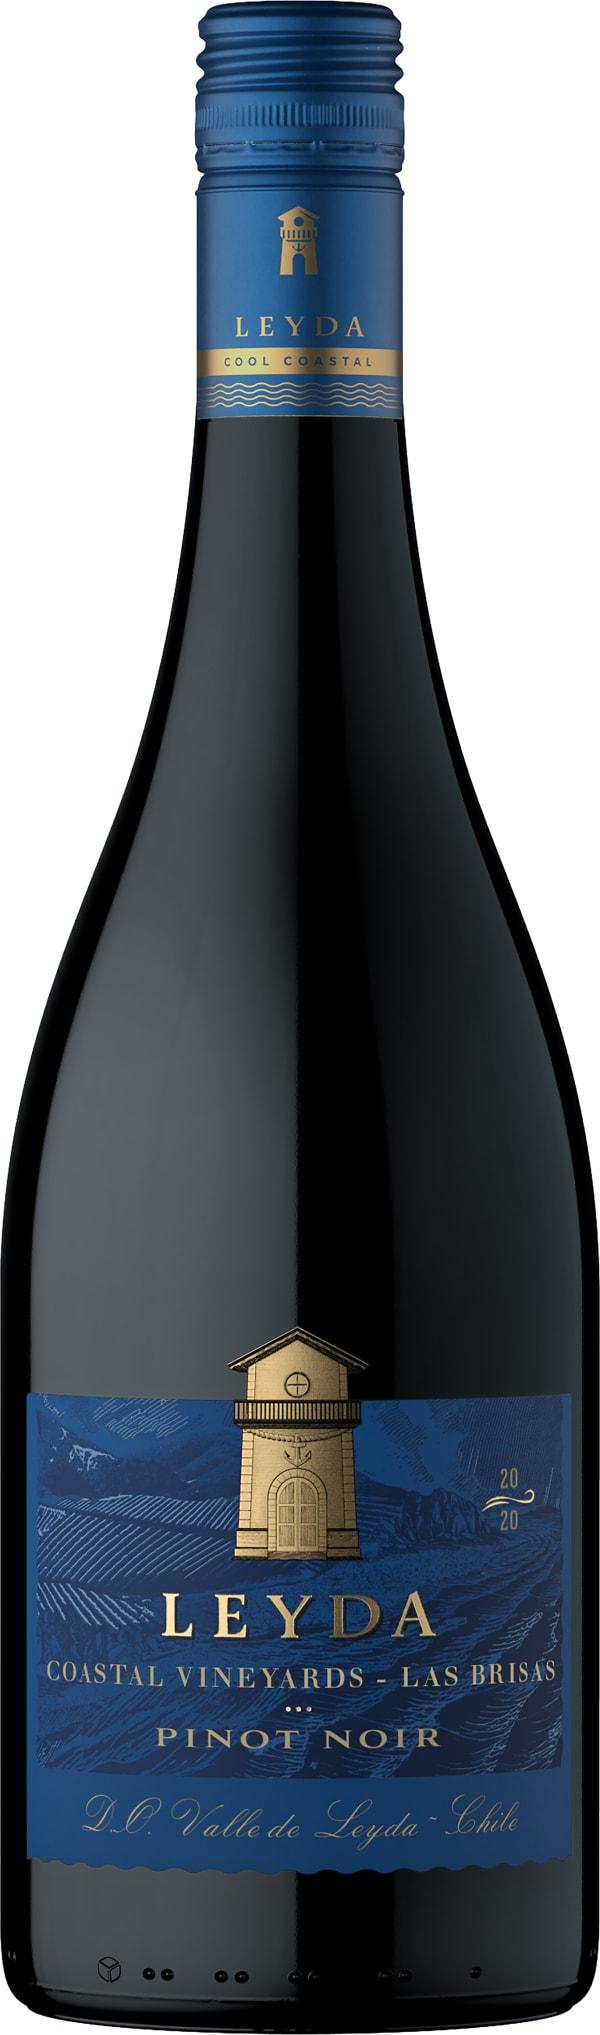 Leyda Las Brisas Pinot Noir 2015